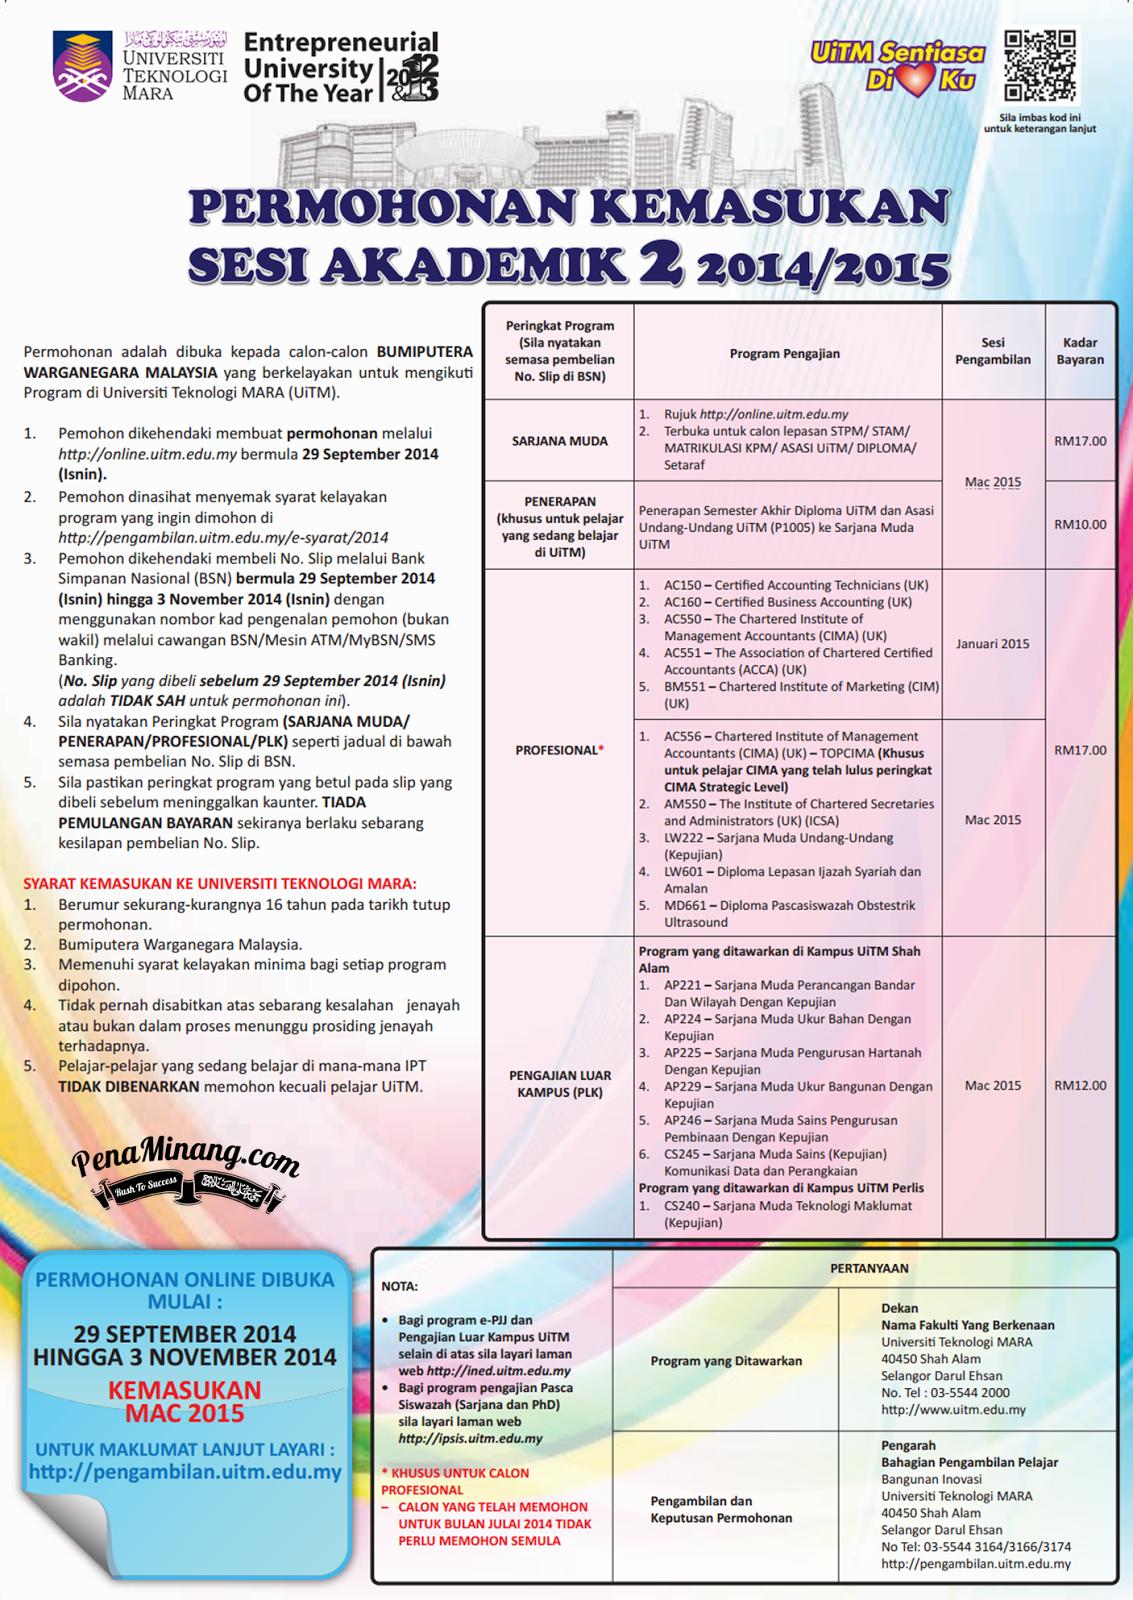 Permohonan Kemasukan Pelajar Ke Uitm Sesi 2 2014 2015 Kemasukan Mac 2015